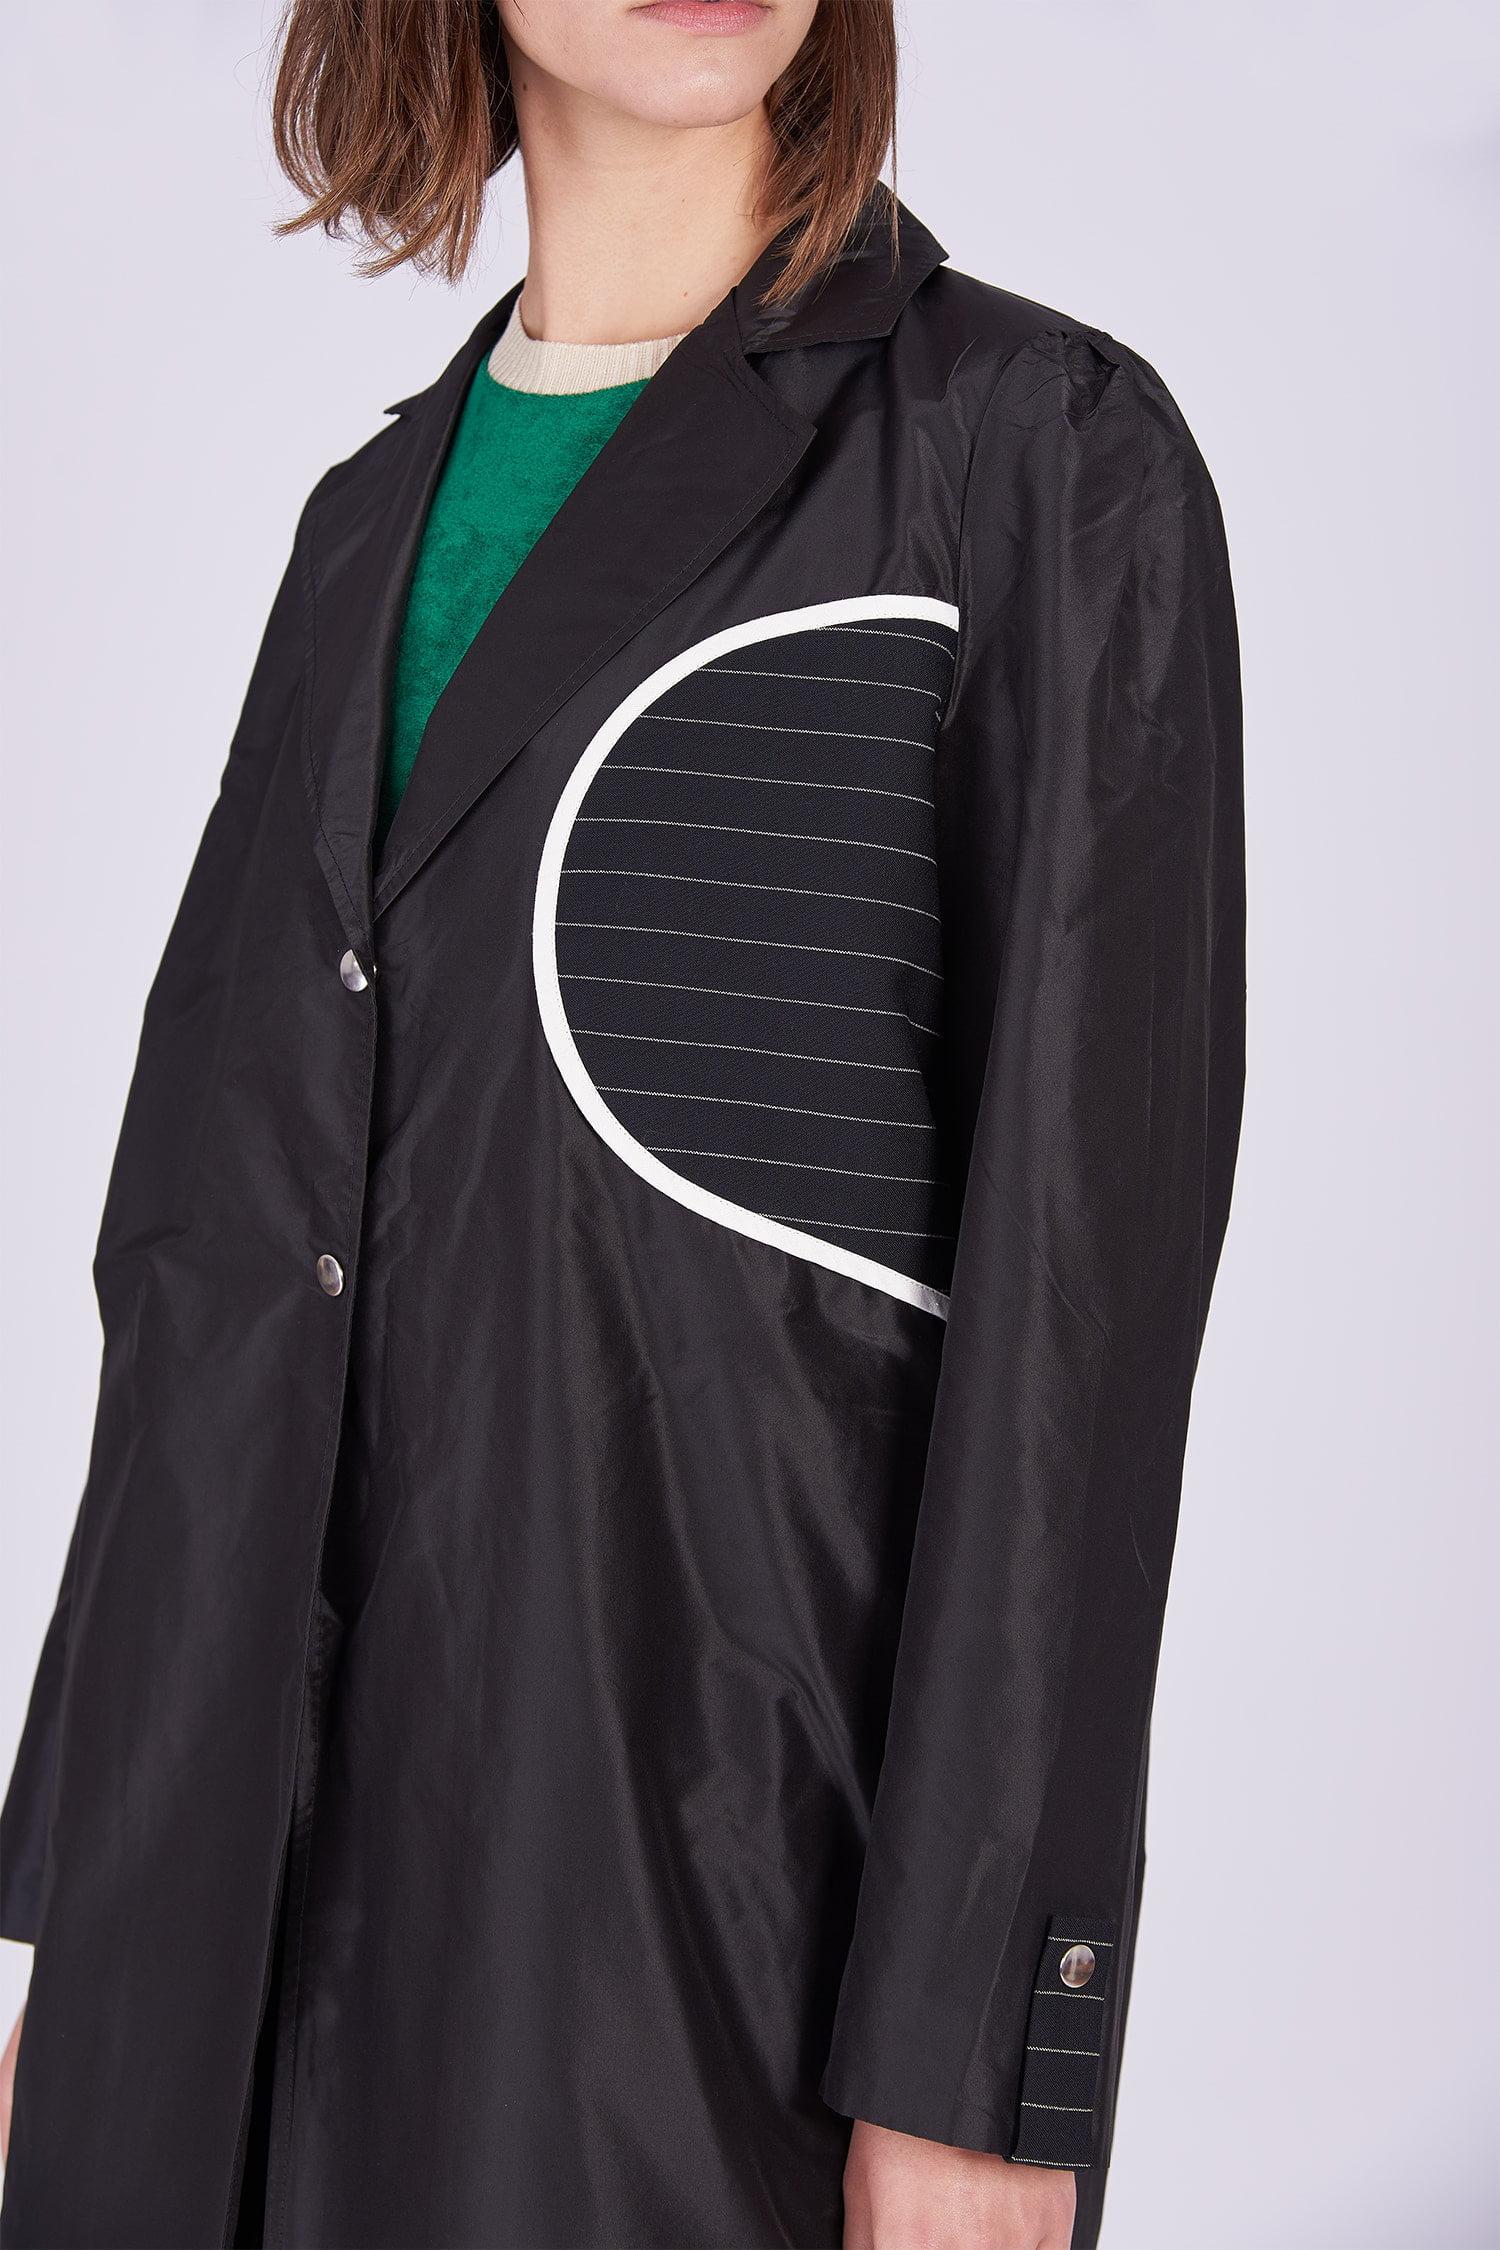 Acephala Ps2020 Black Light Coat Czarny Lekki Plaszcz Detail